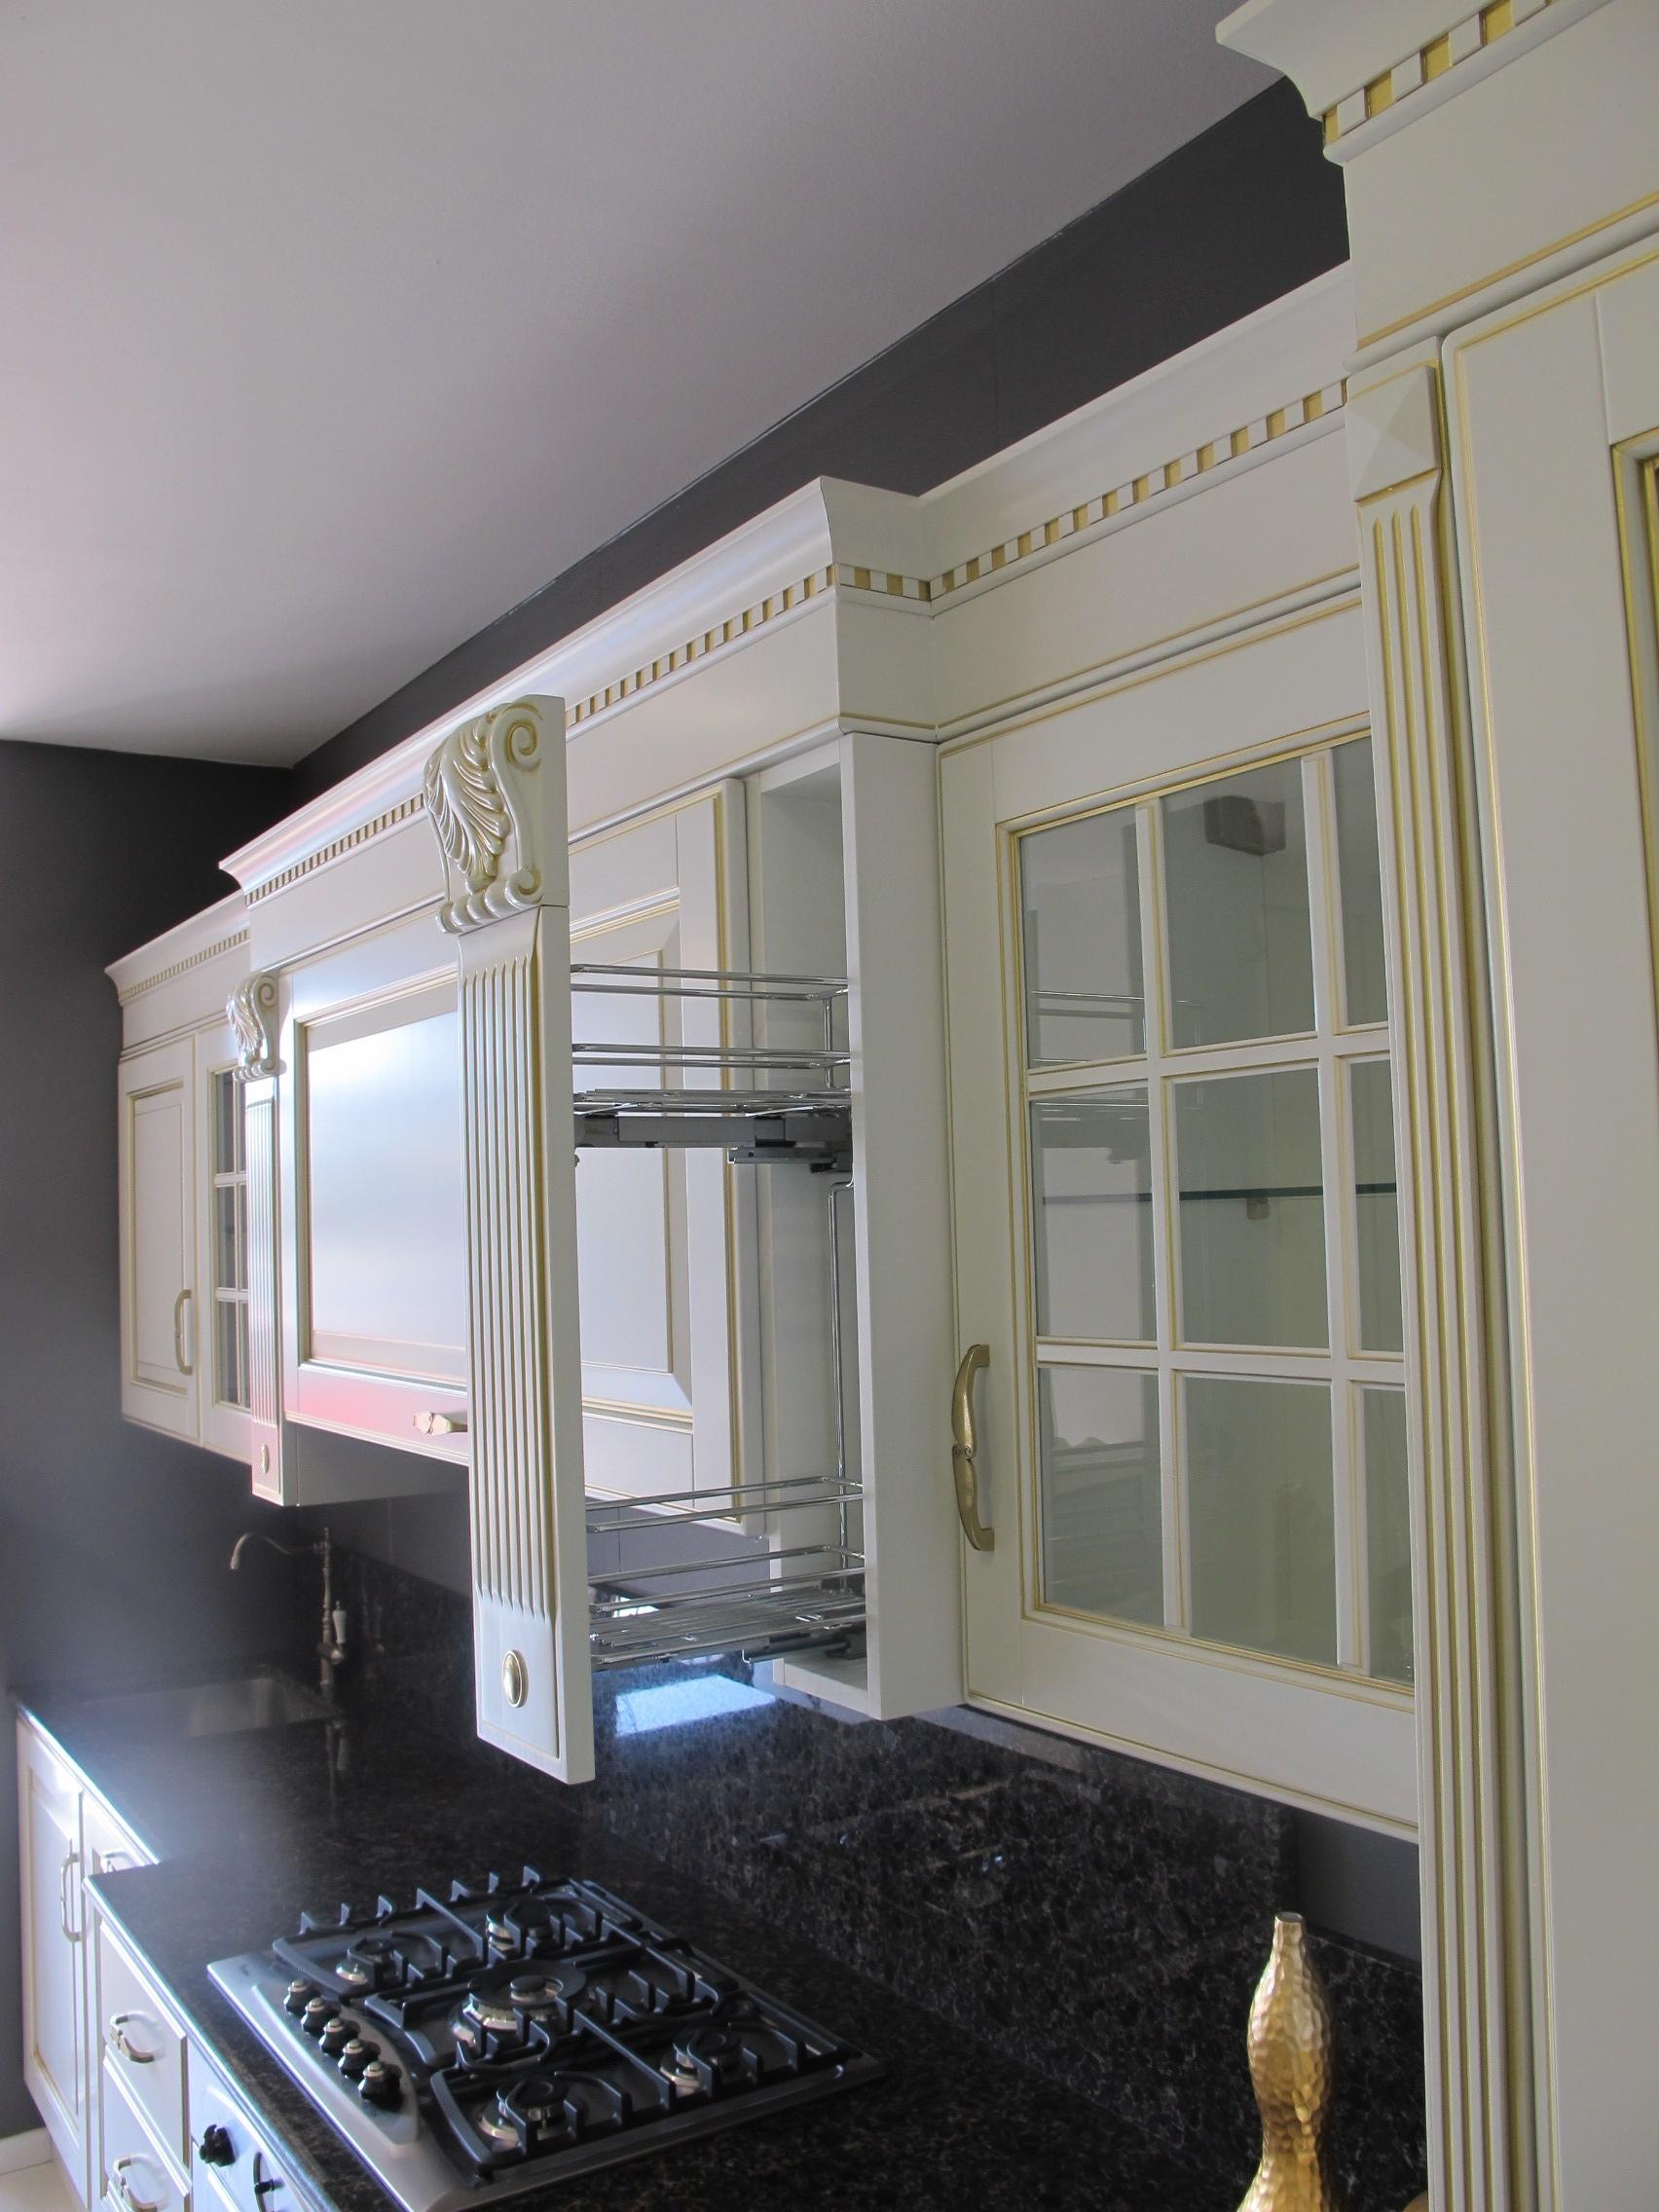 Scavolini cucina baltimora classica laccata opaco bianco cucine a prezzi scontati - Cucina scavolini baltimora ...